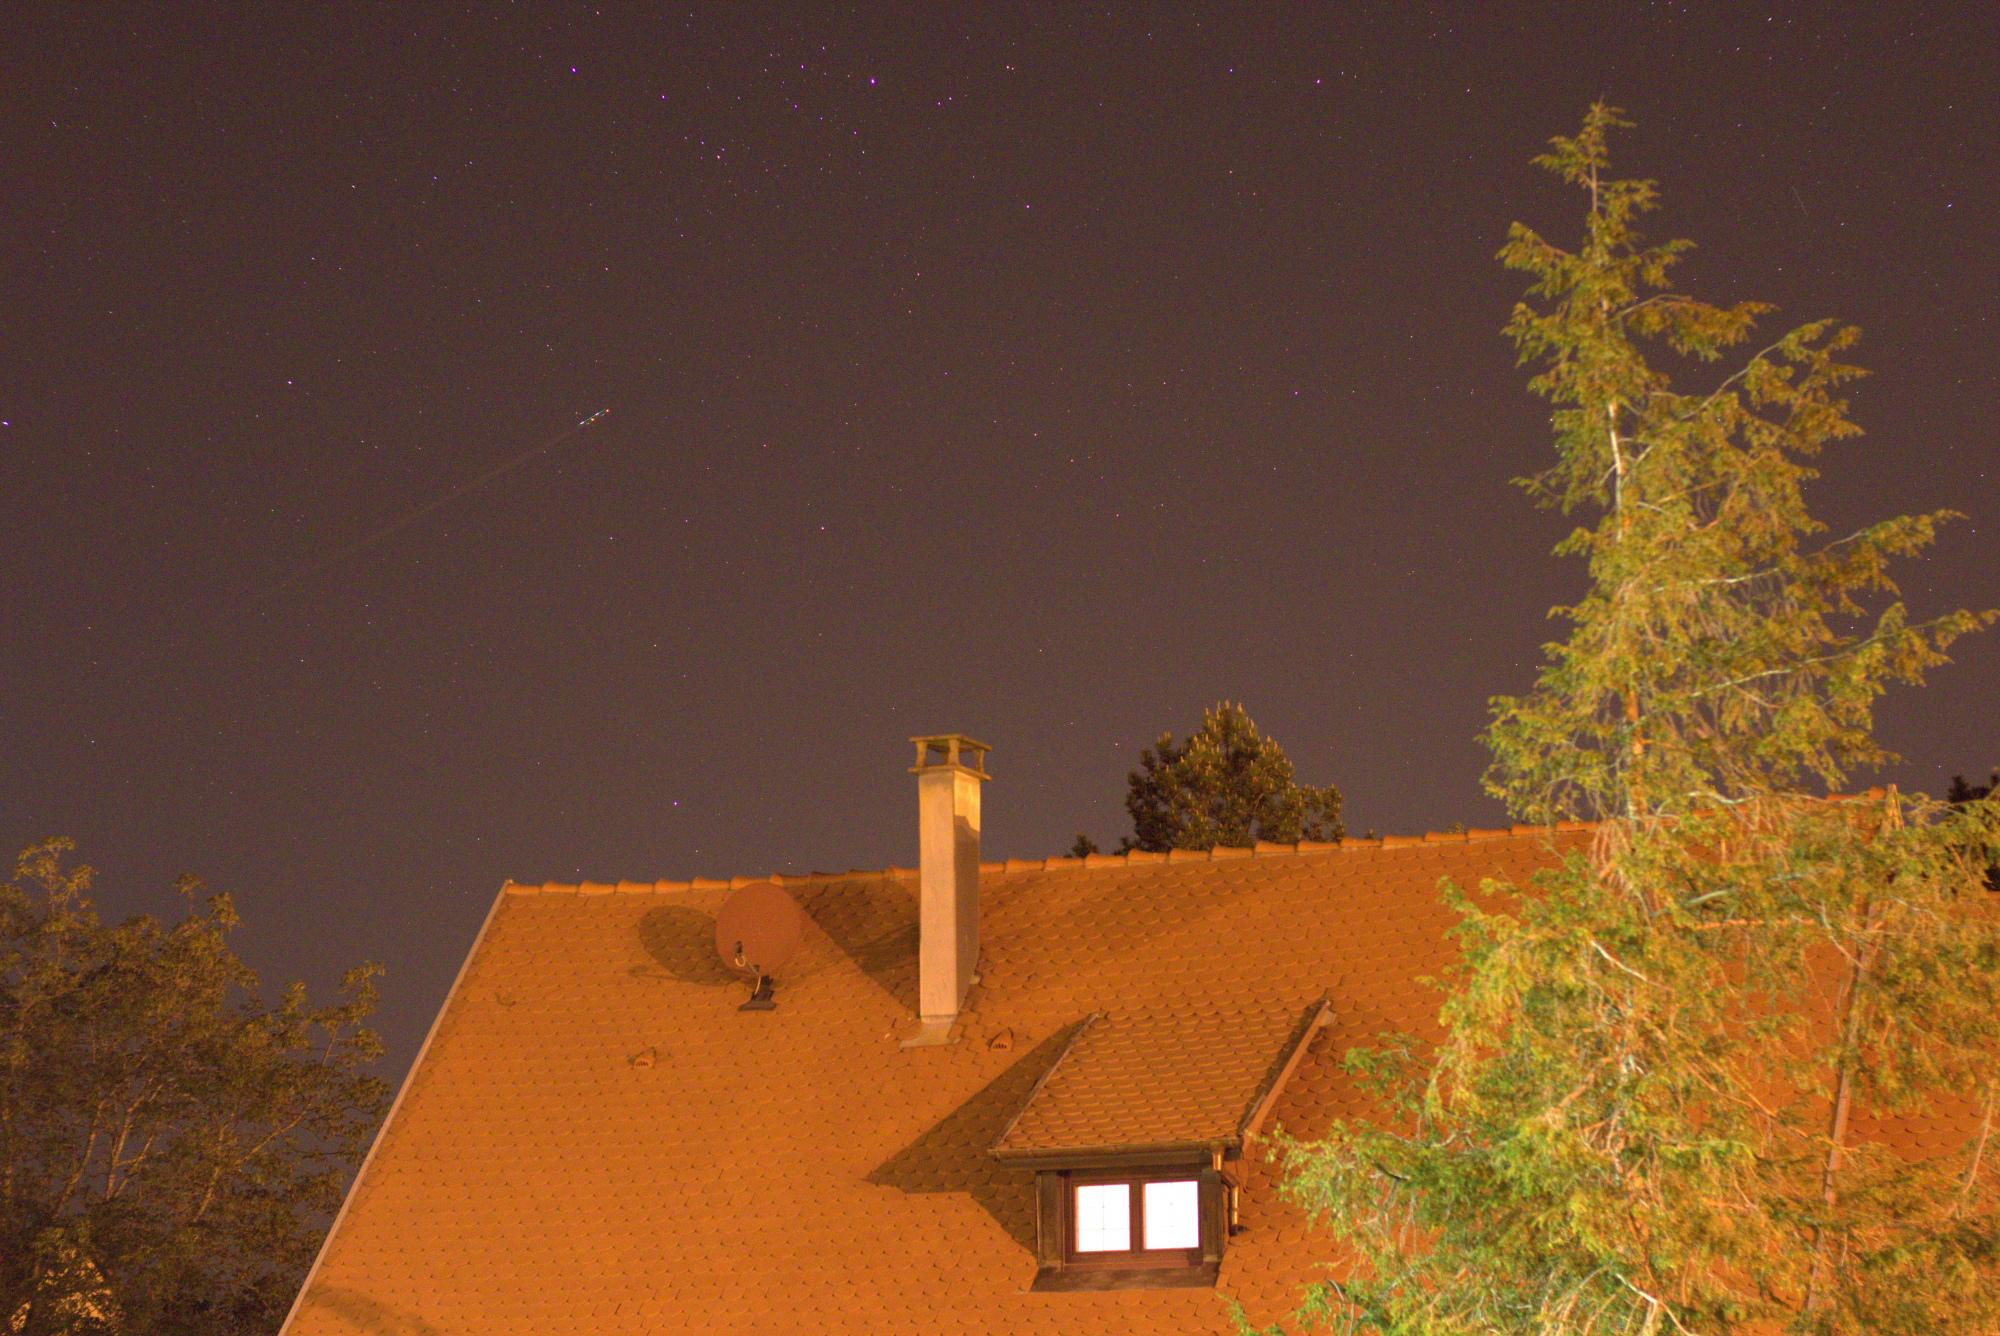 LIGHT_2s_3200iso_f2-8_20200423-23h11m52s512ms.jpg